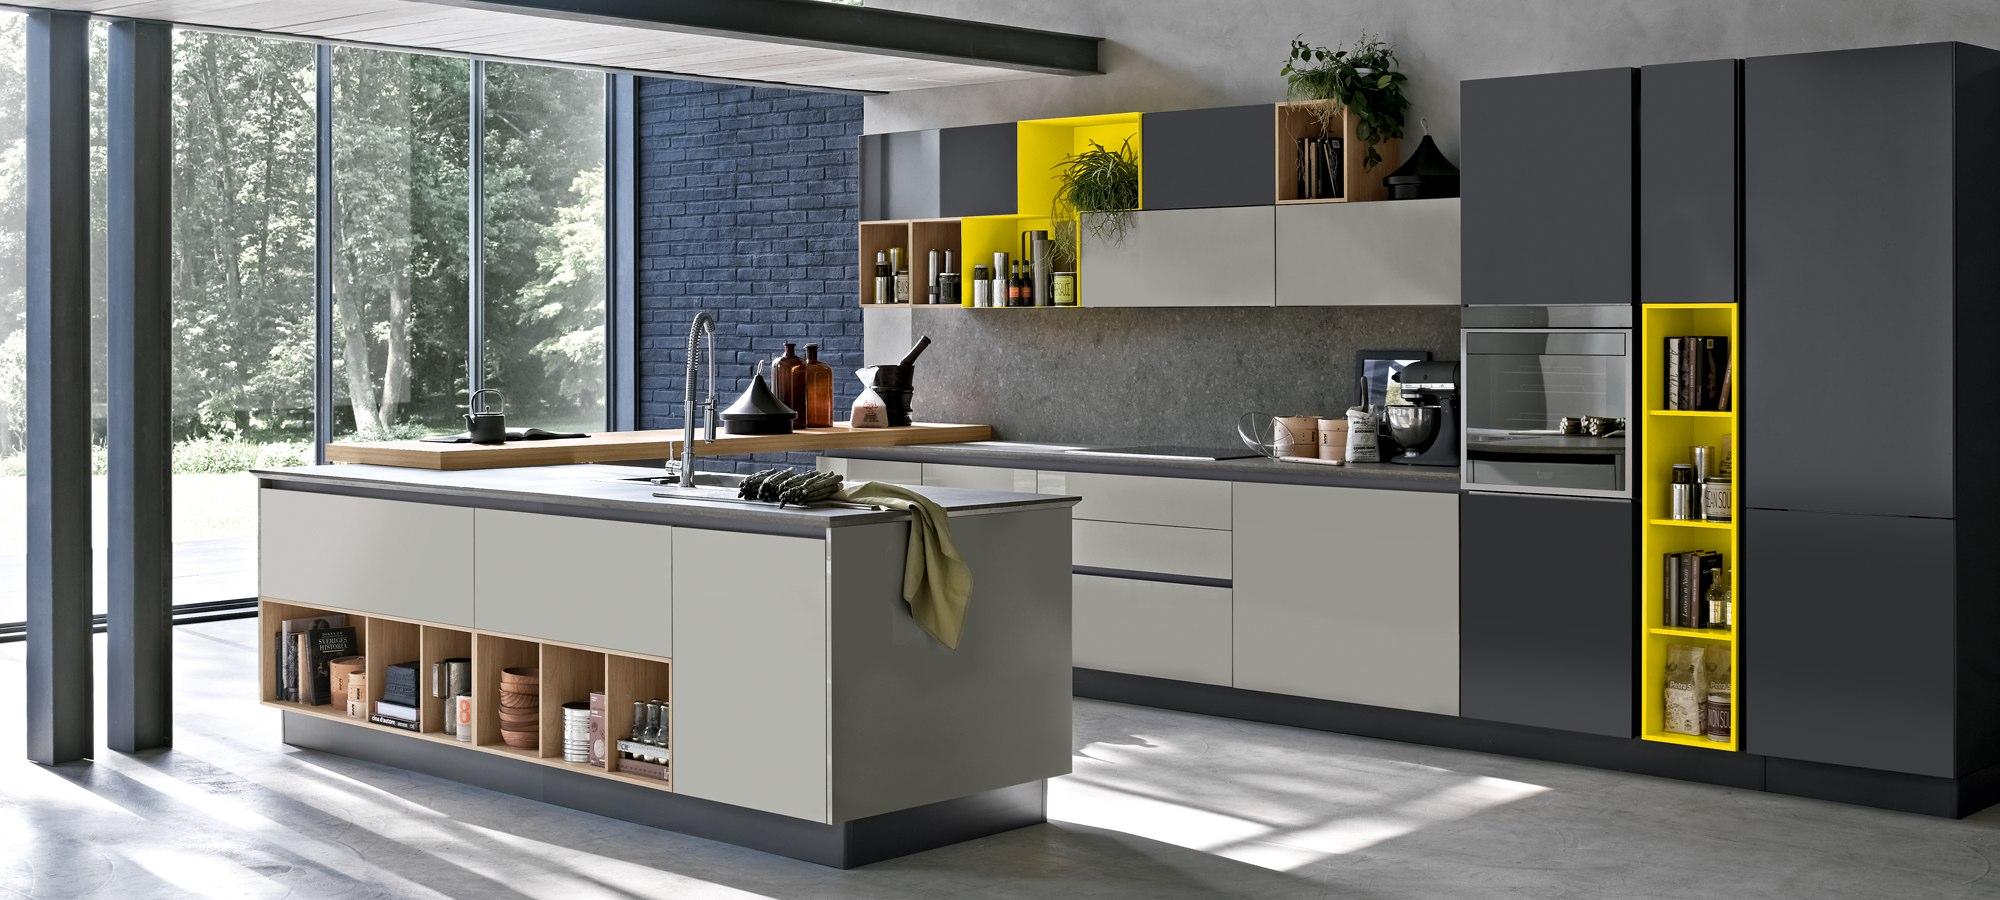 Ikea Mensole Cucina ~ duylinh for